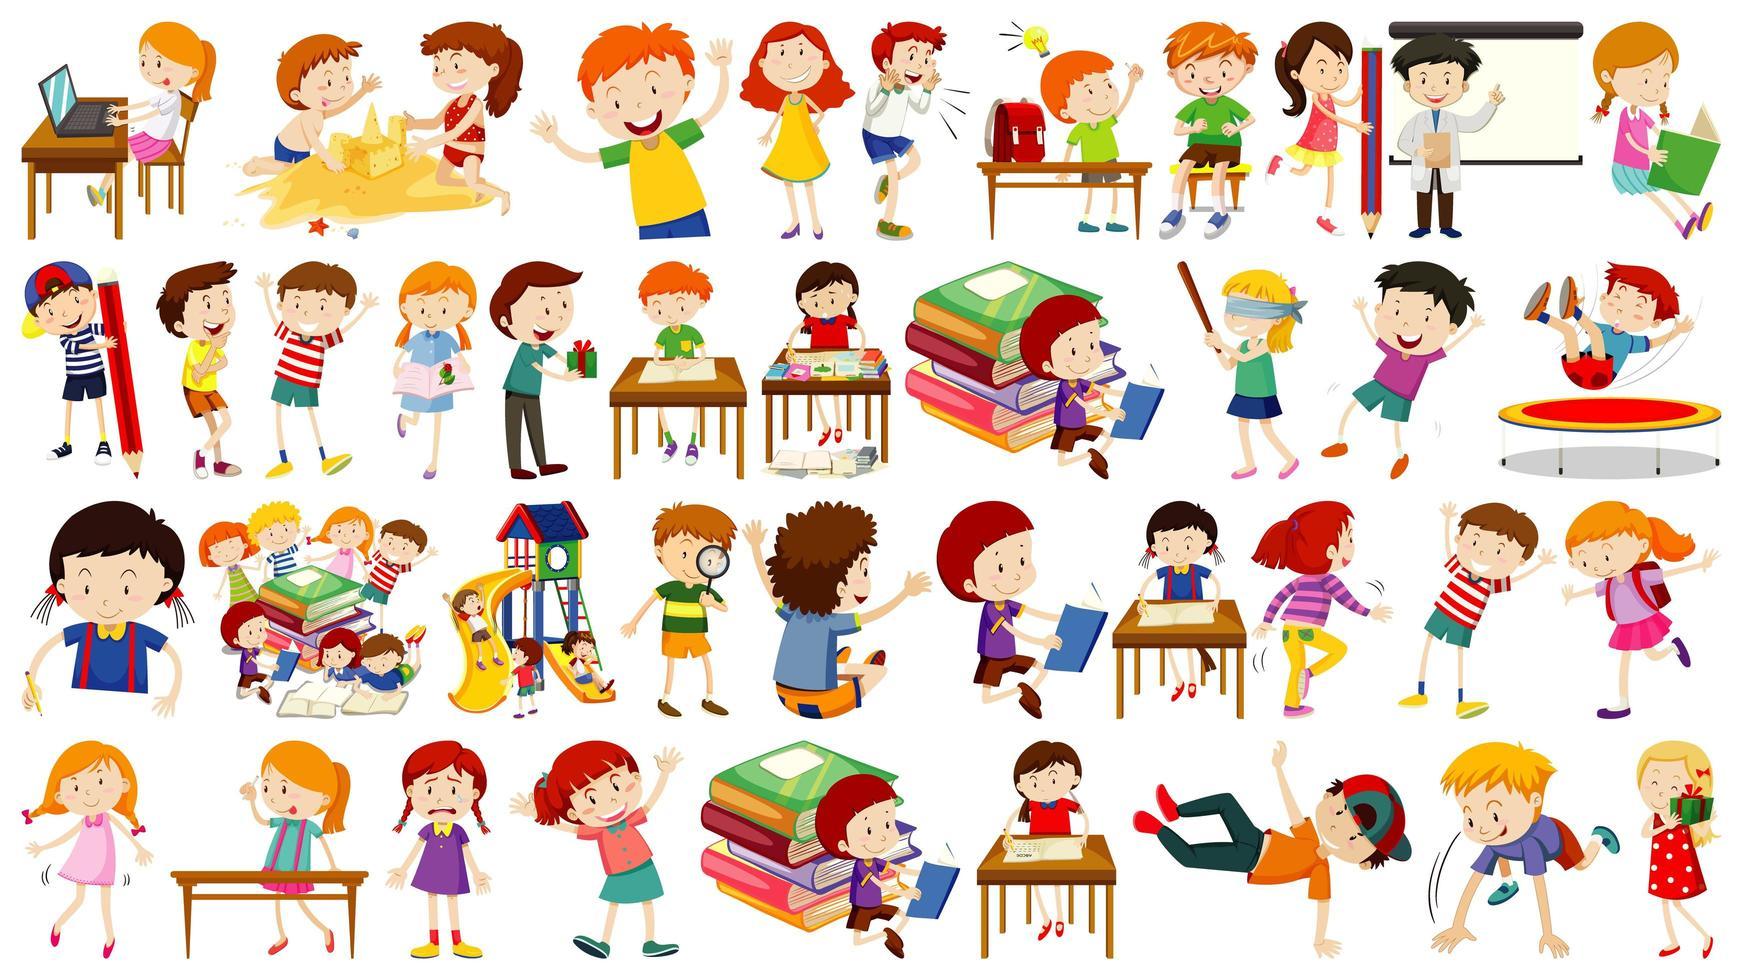 conjunto de lindos personajes de dibujos animados de niños activos vector